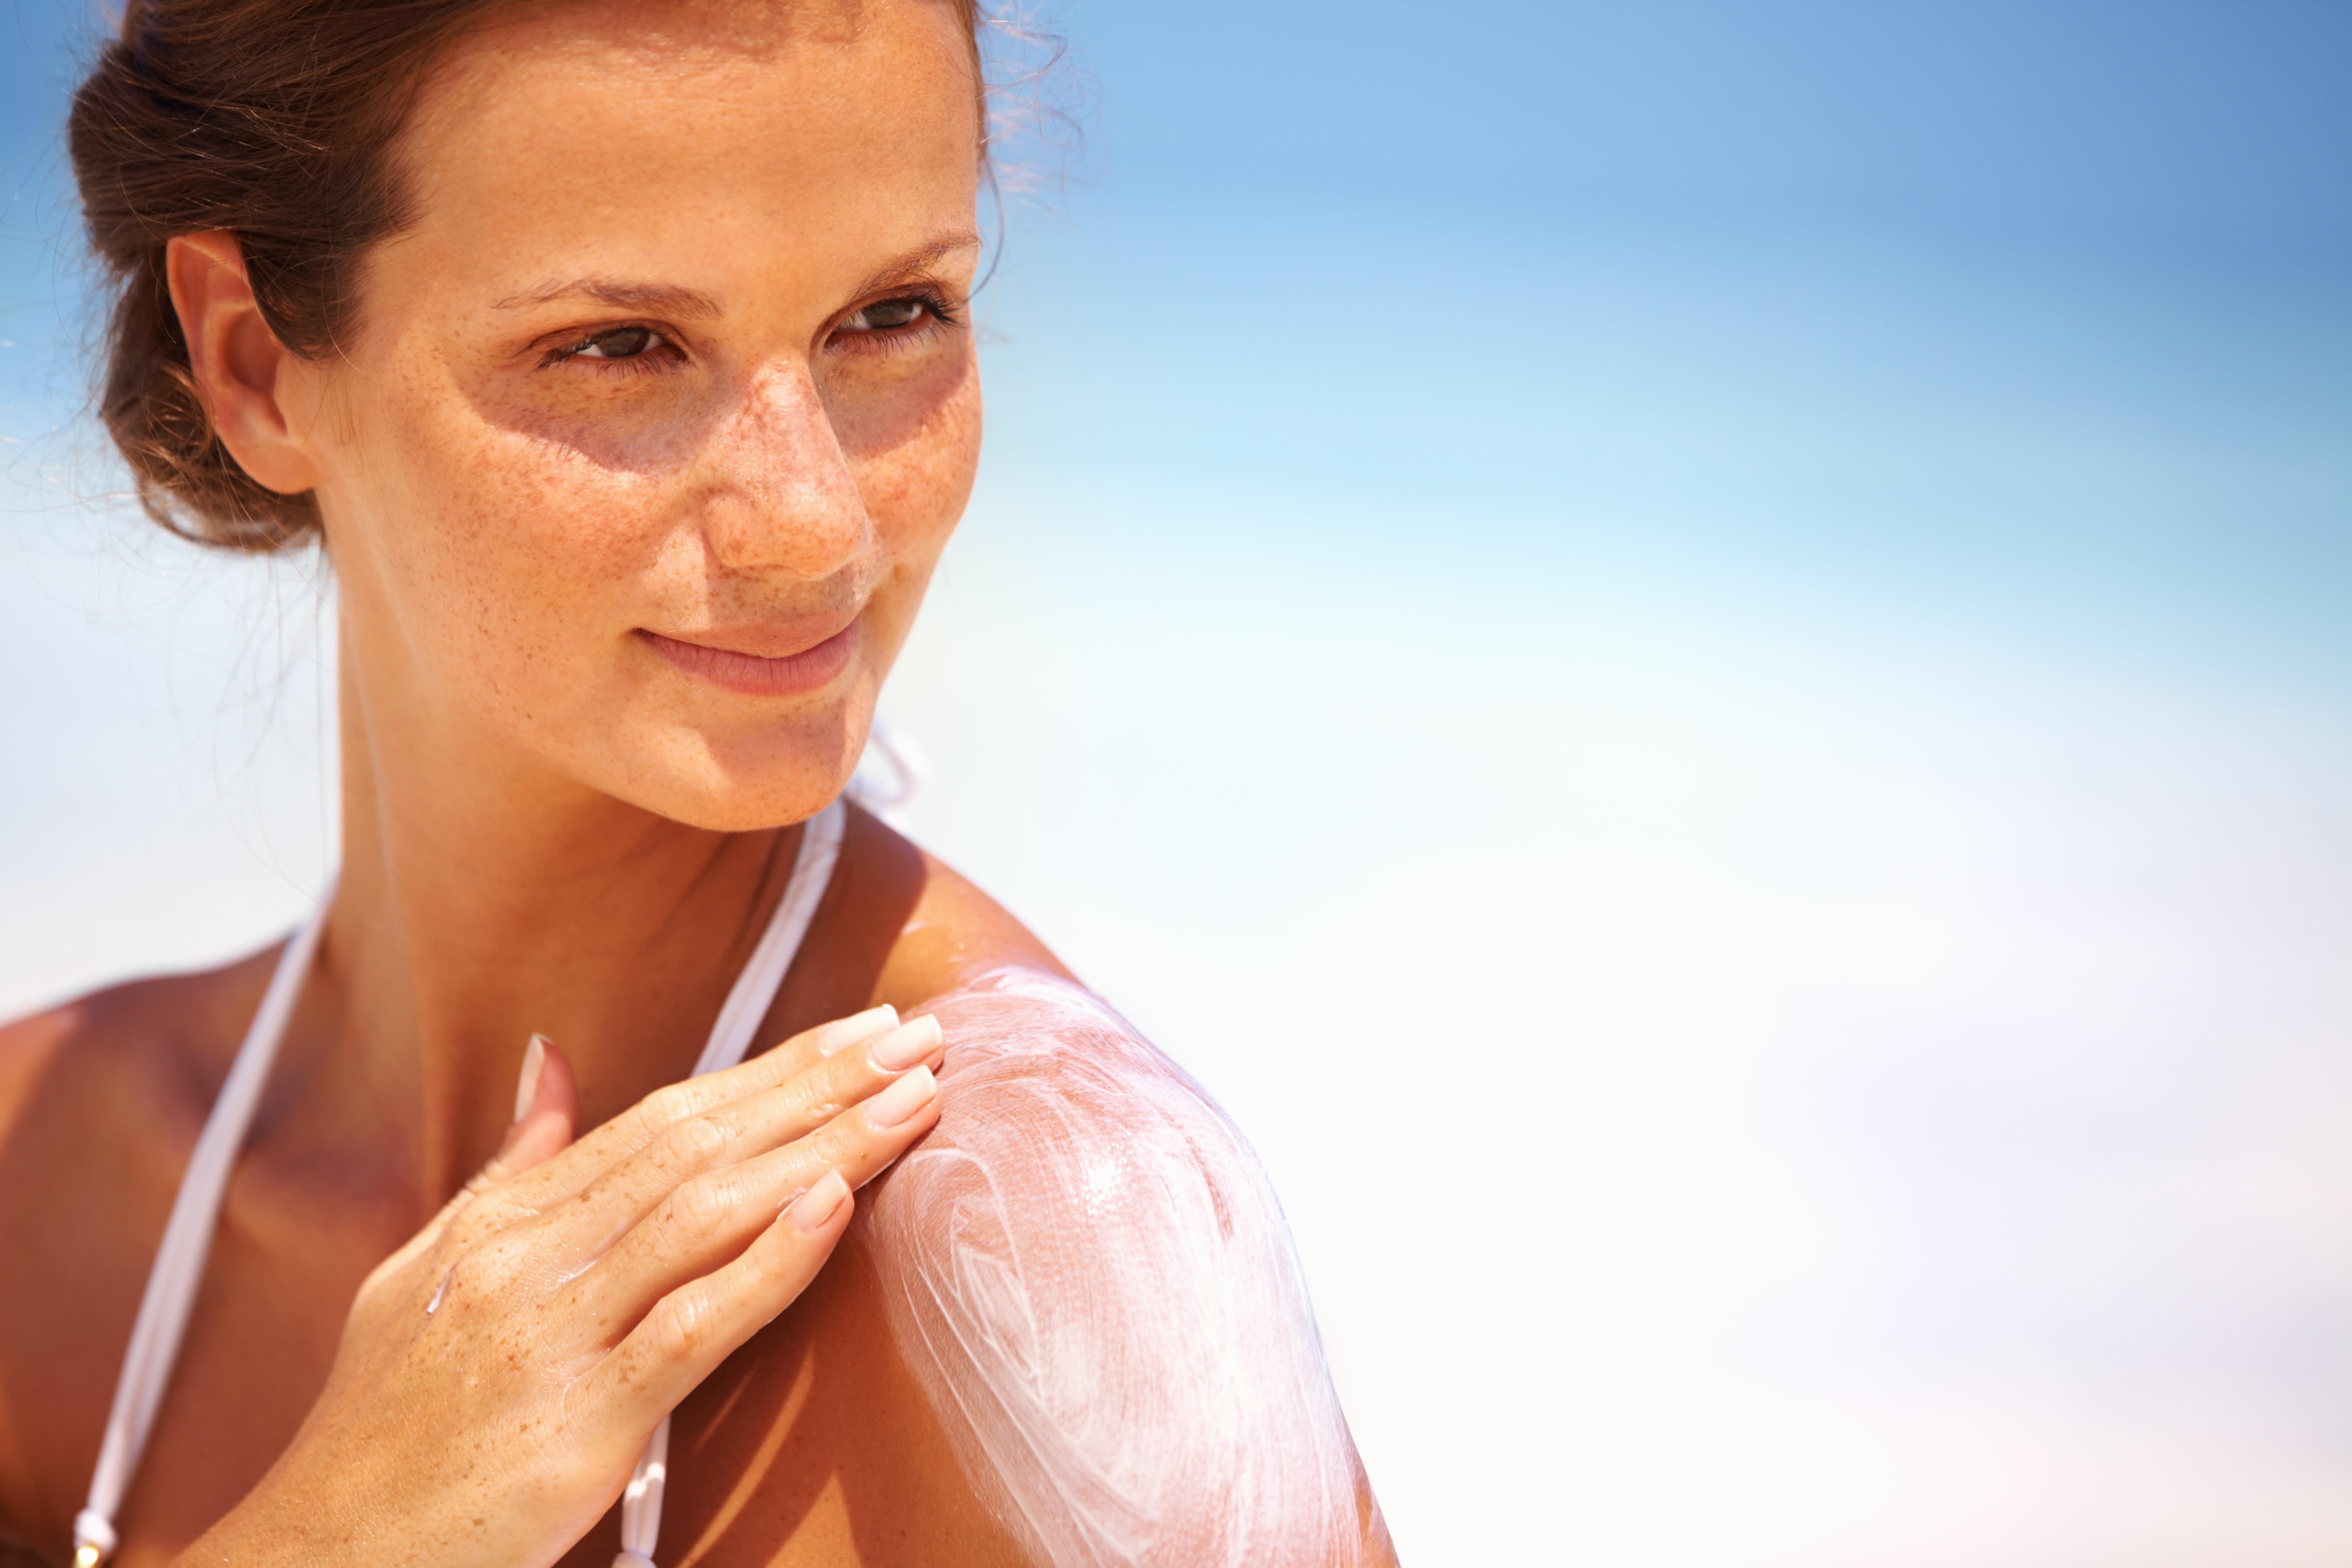 Hudens naturlige beskyttelsestid er i gjennomsnitt mellom 5 og 30 minutter.